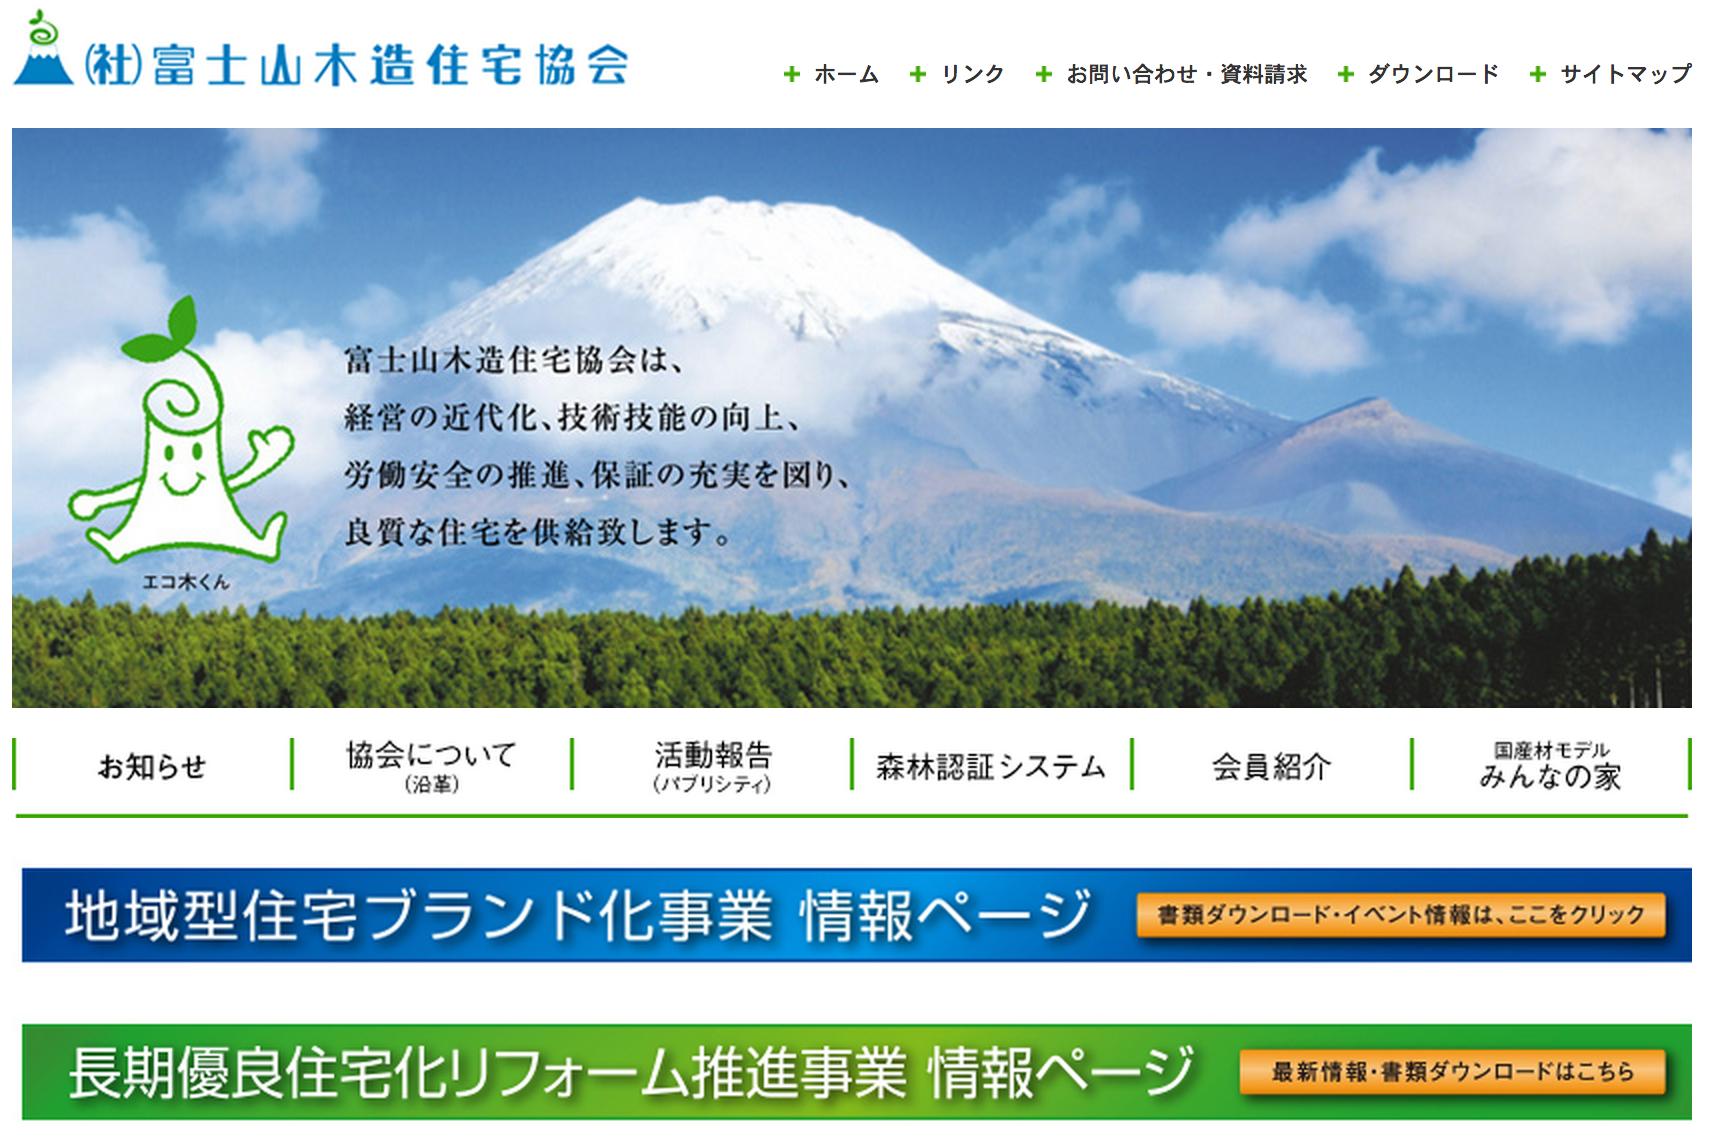 富士山木造住宅協会